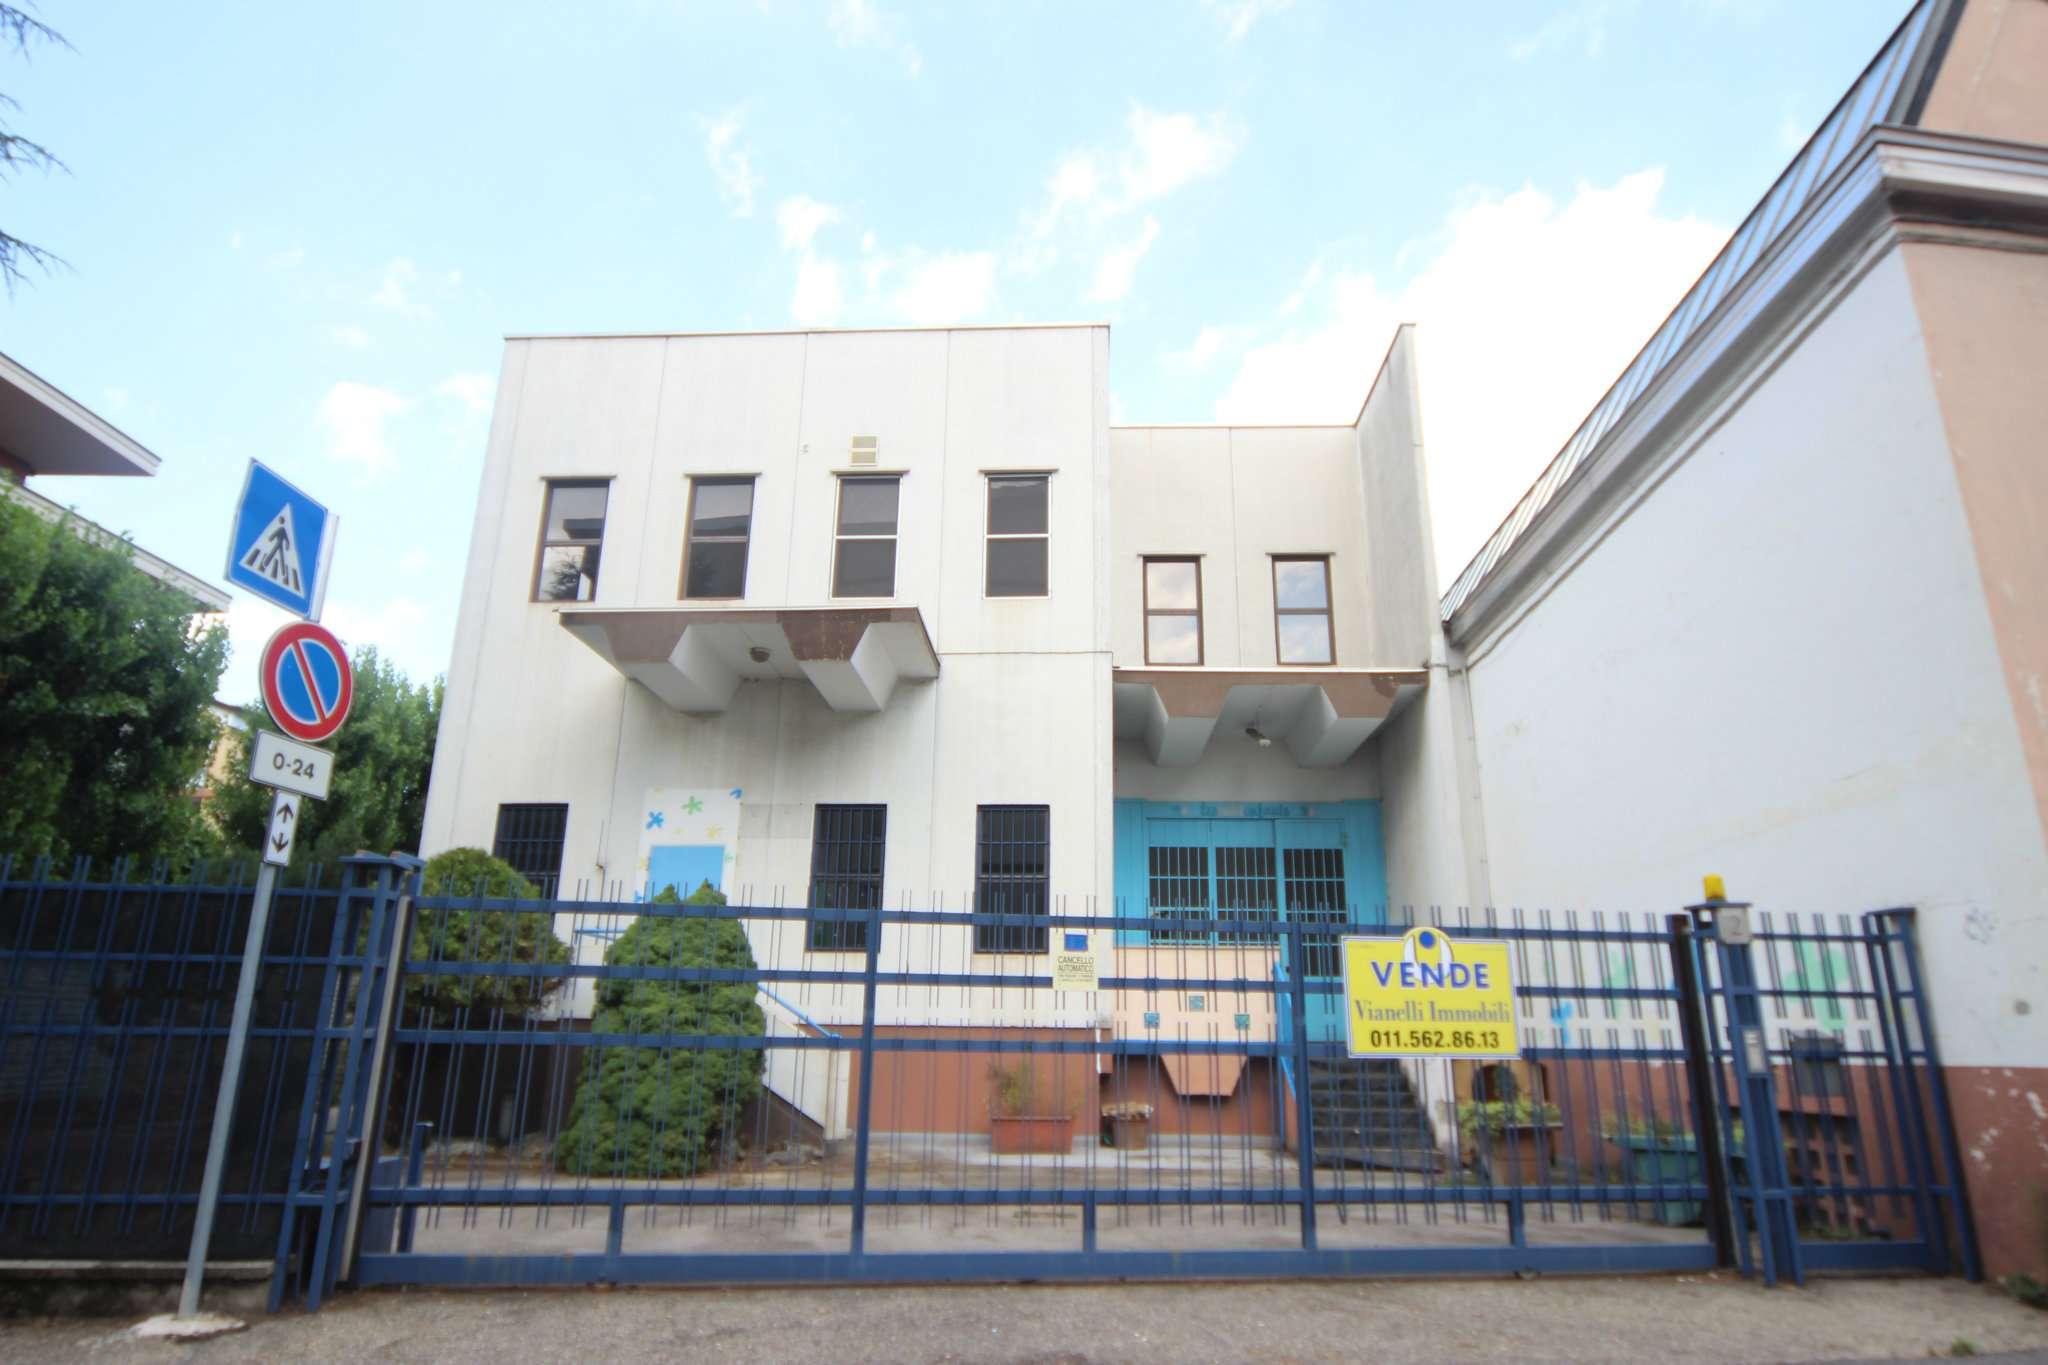 Magazzino/Laboratorio in vendita via perosi 2 Chieri